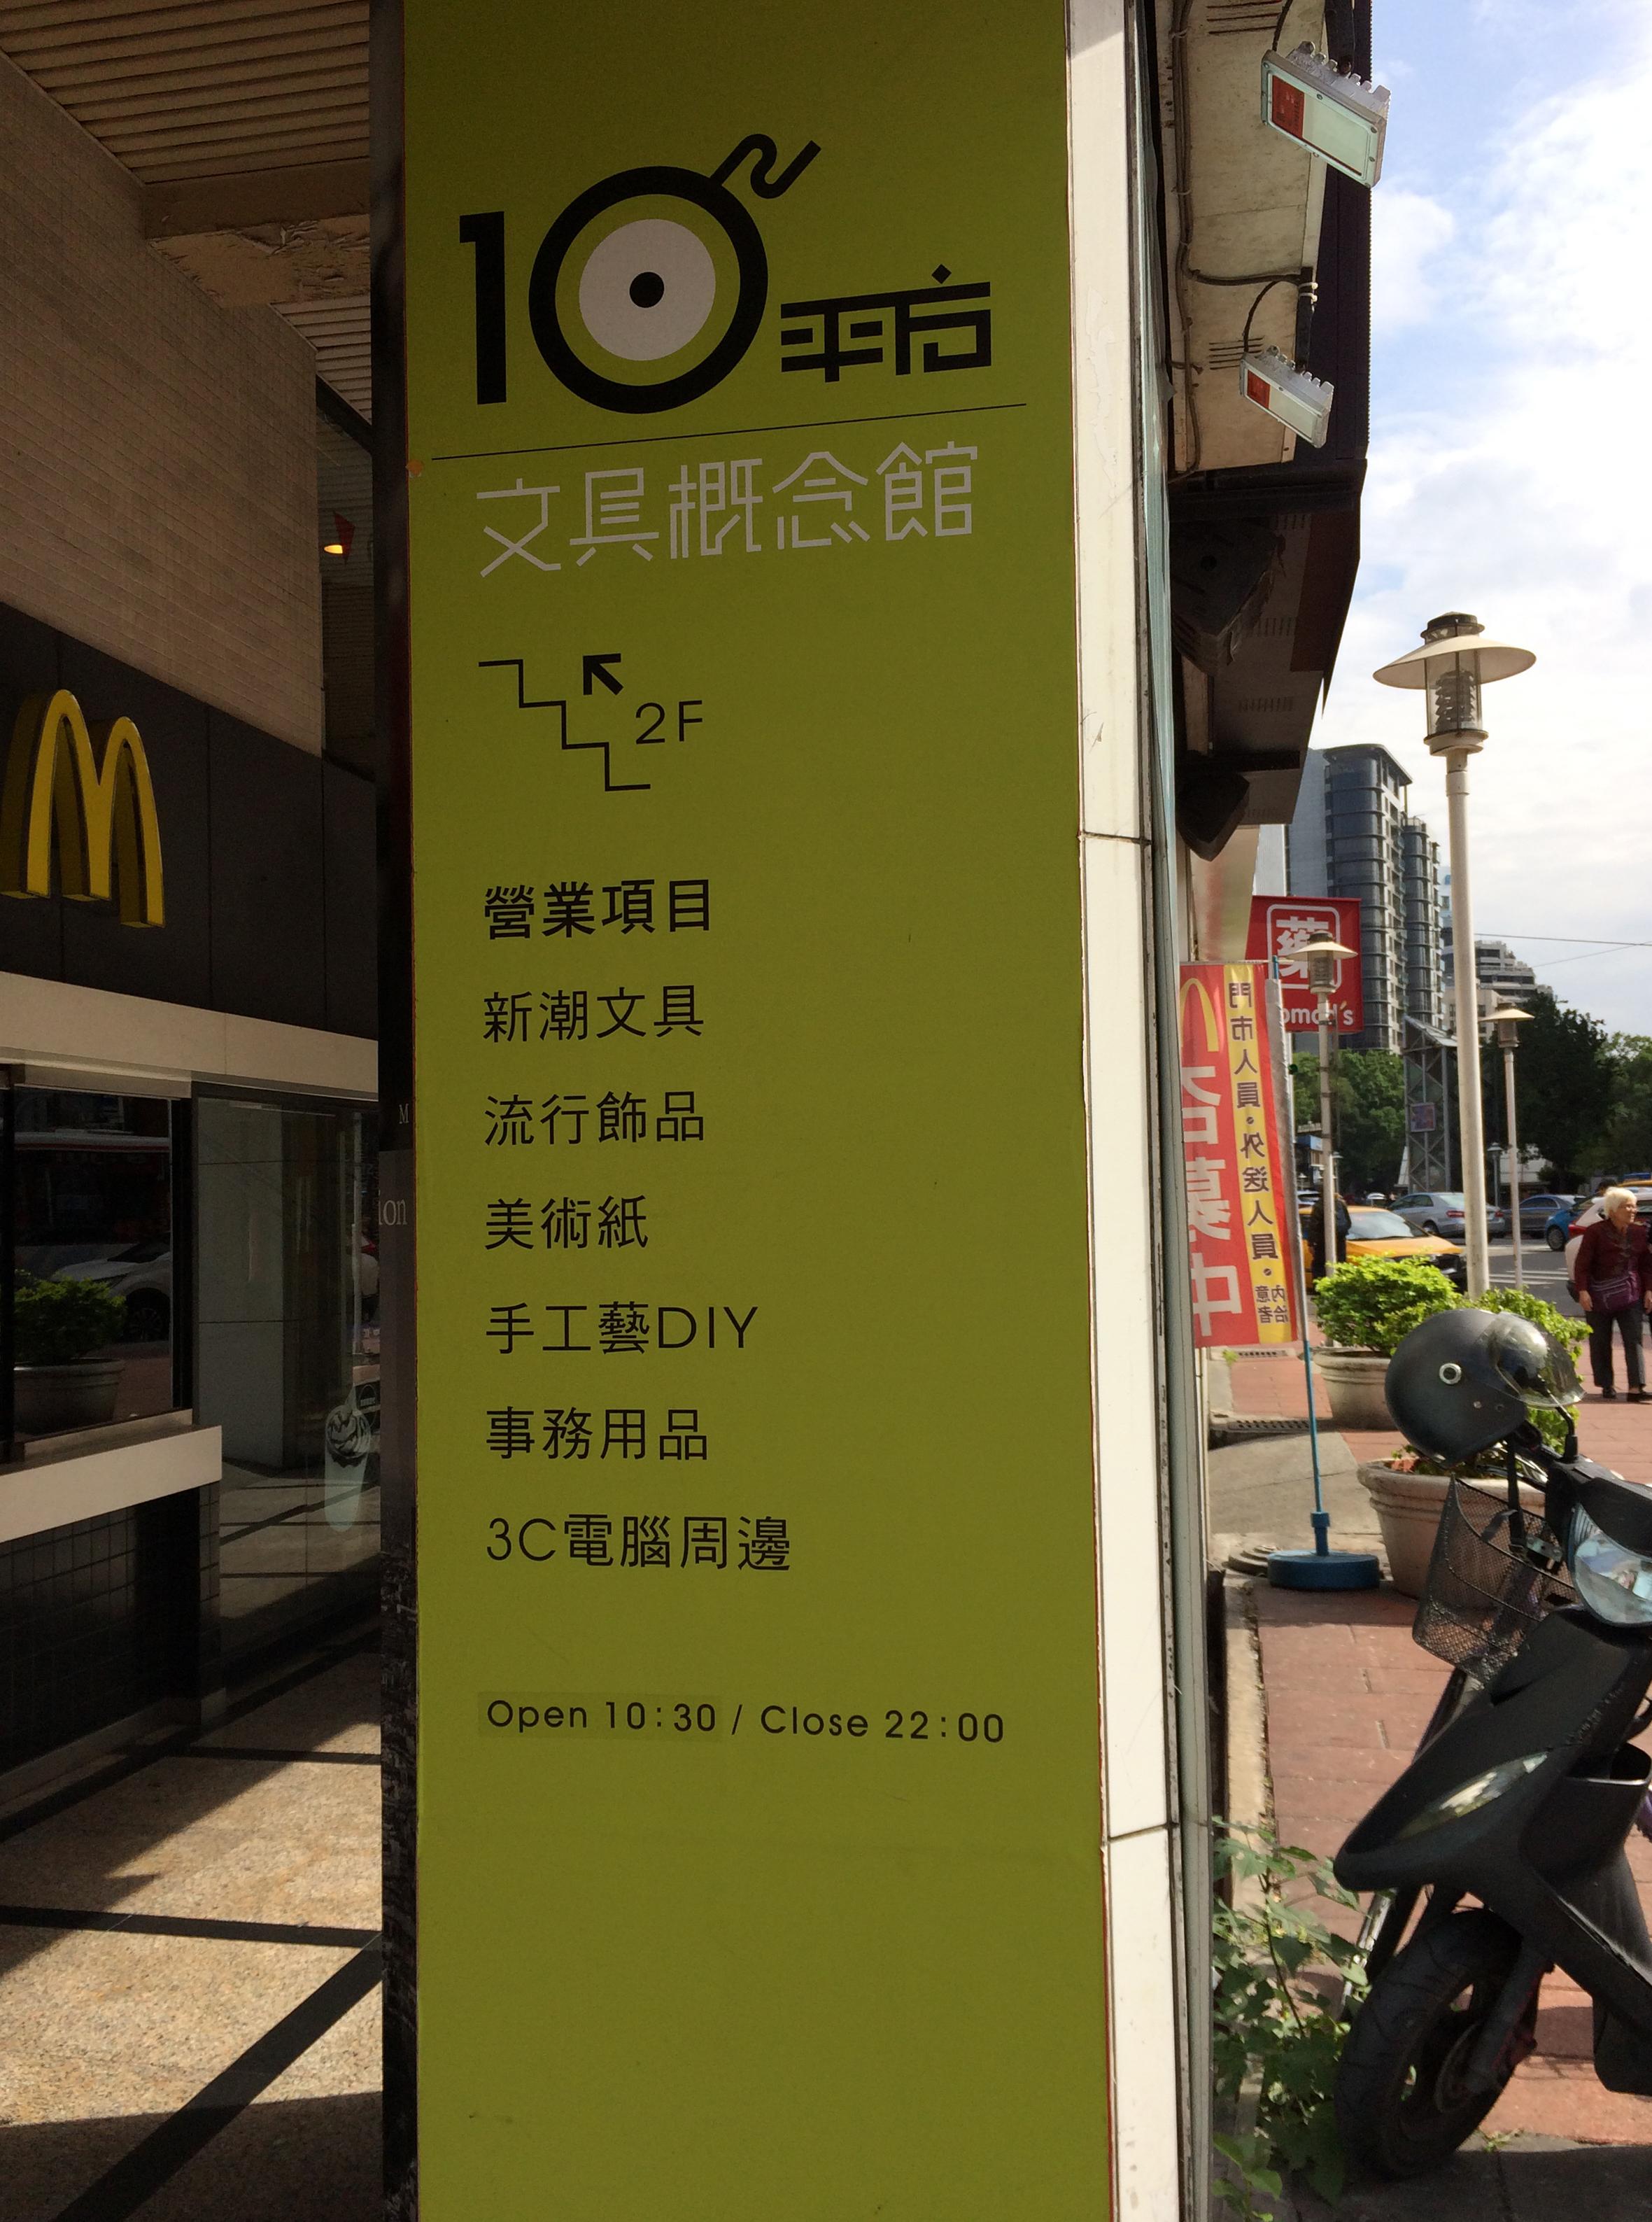 """Taiwan_dangan_10pingfang_001"""""""""""